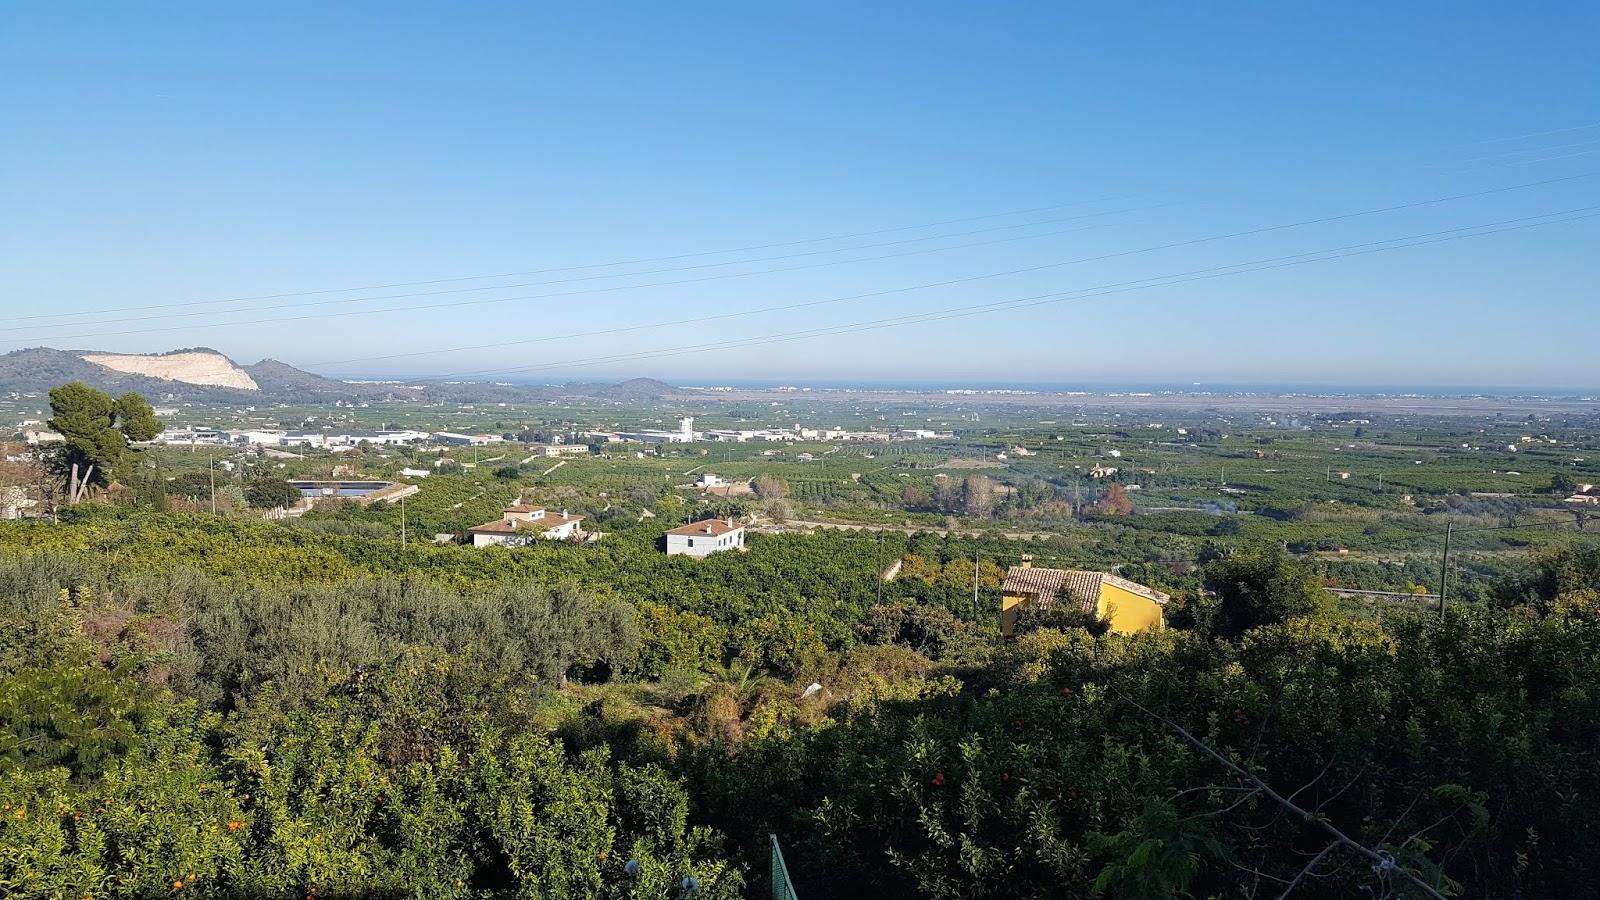 Pego-Oliva Marshes, Pego, Alicante